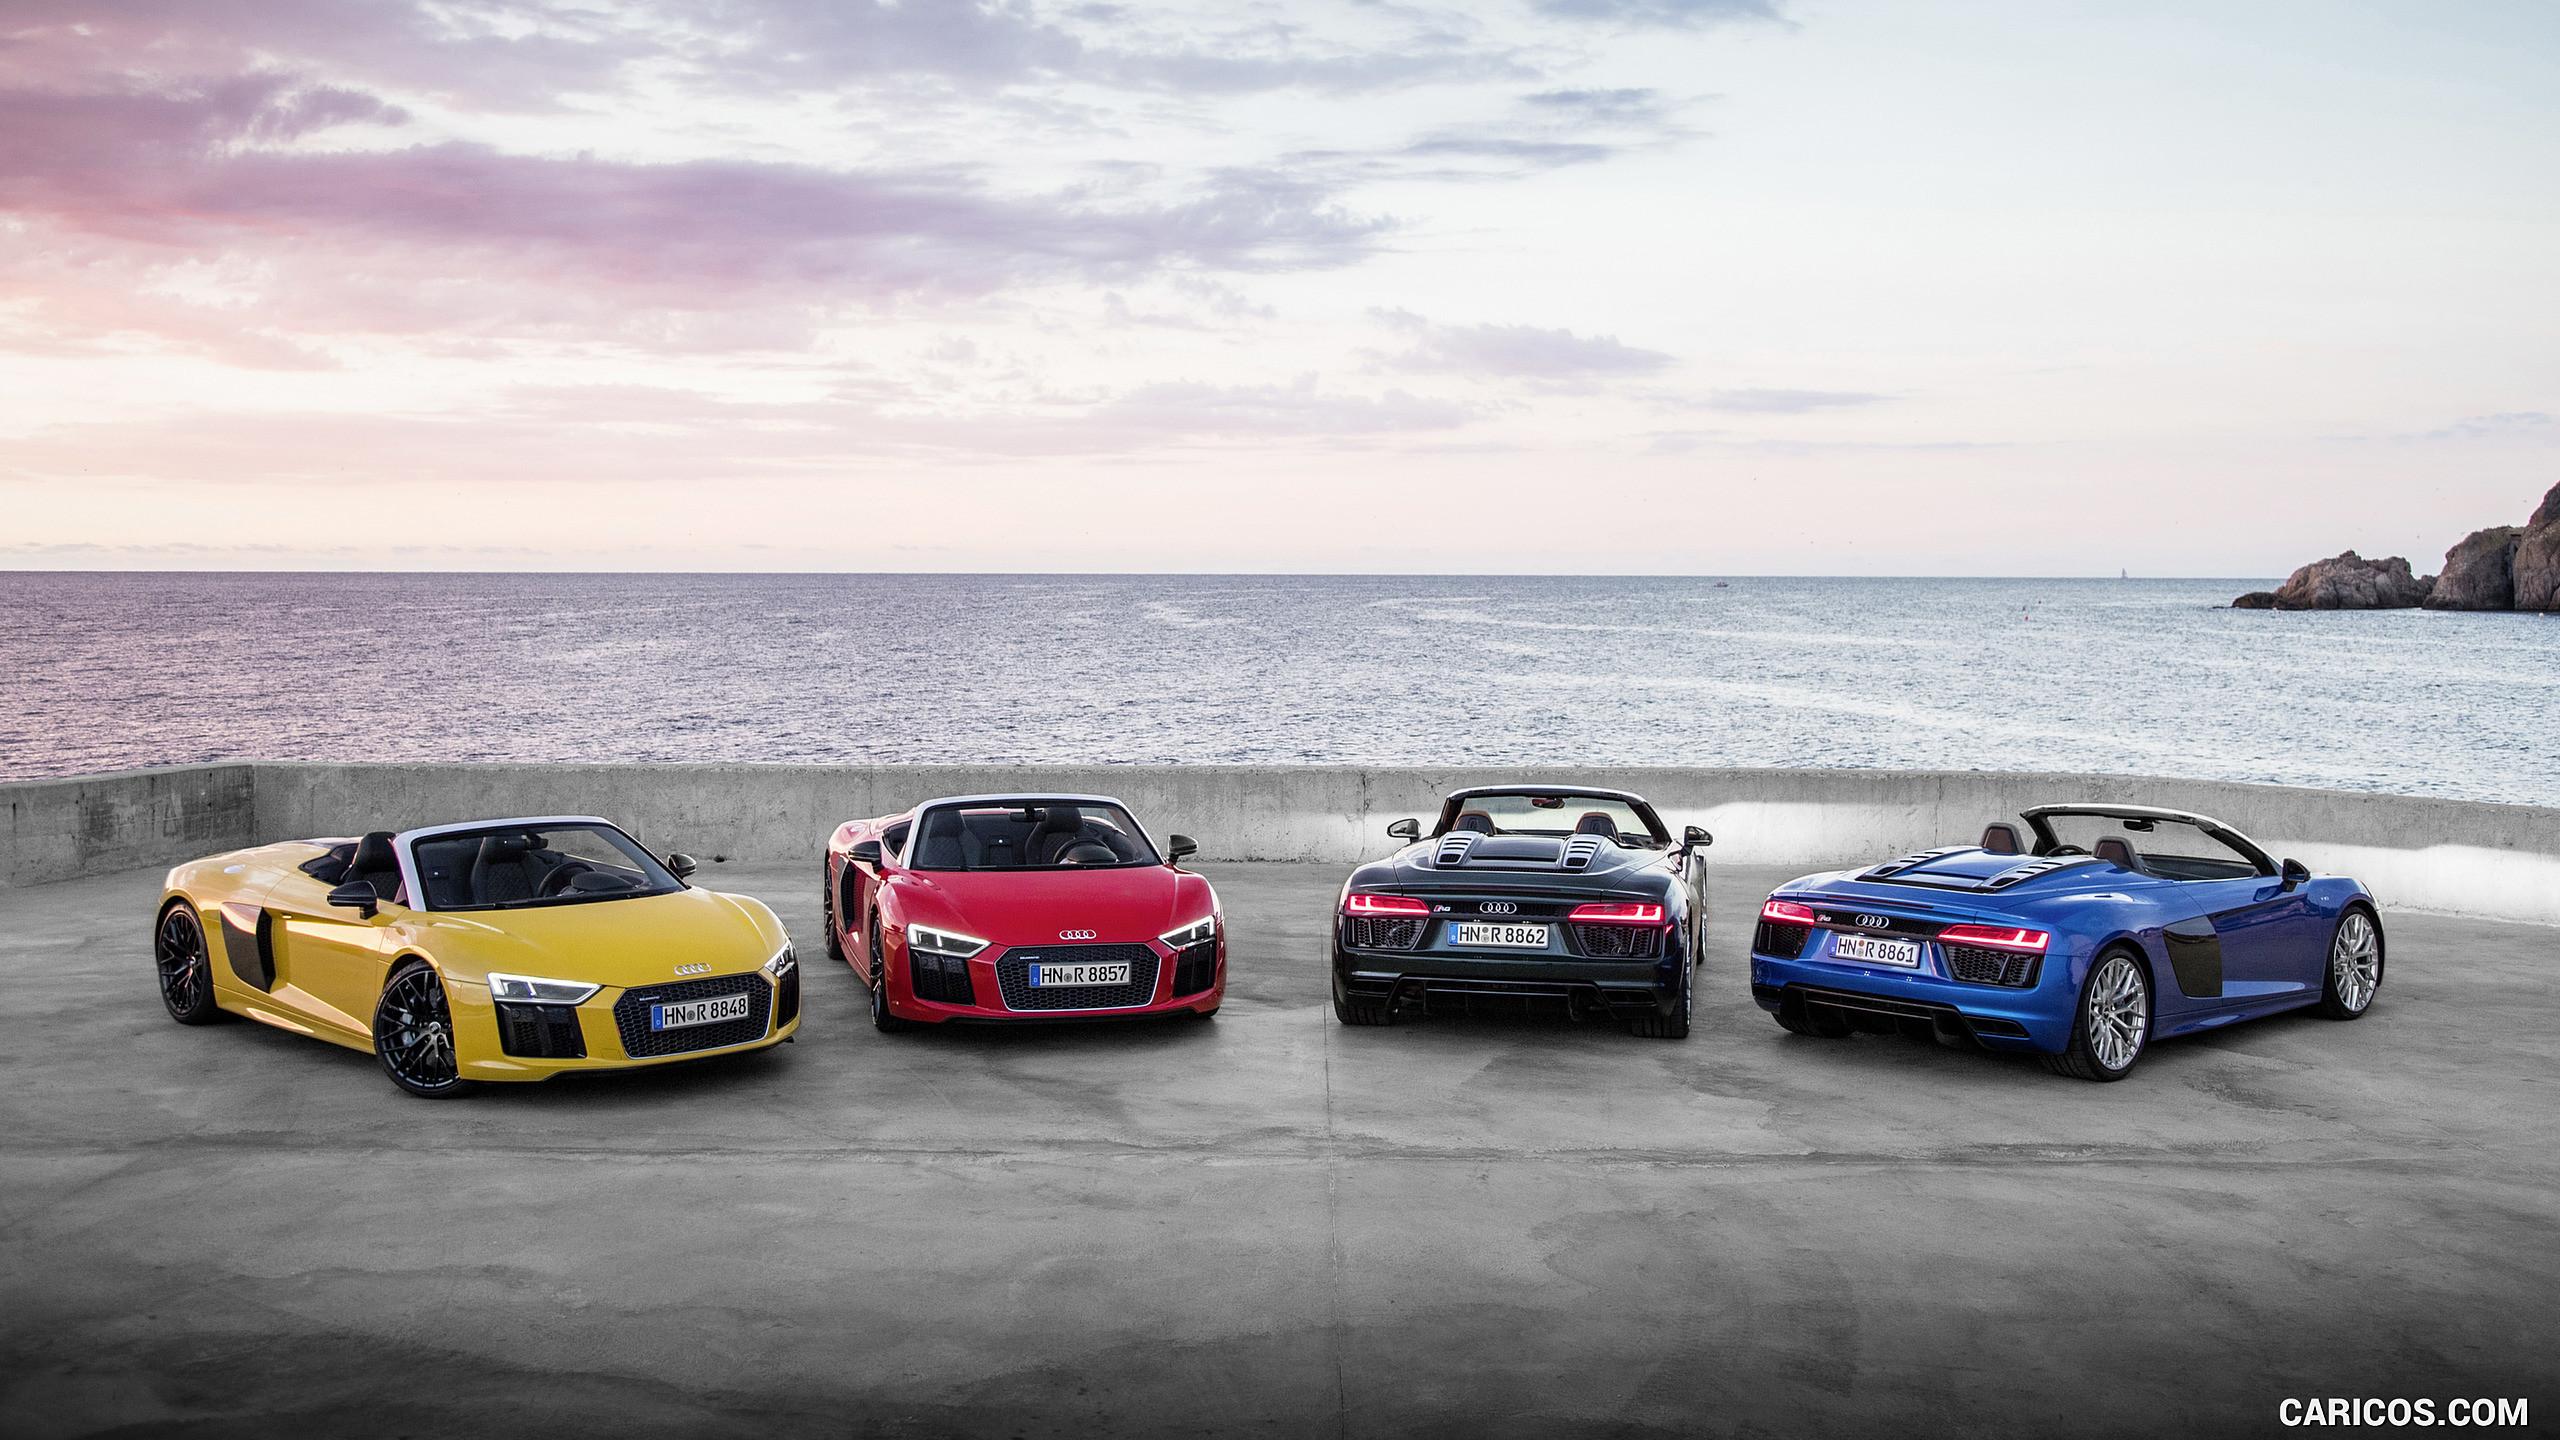 Audi R8 Spyder 2018 Wallpaper 70 Images